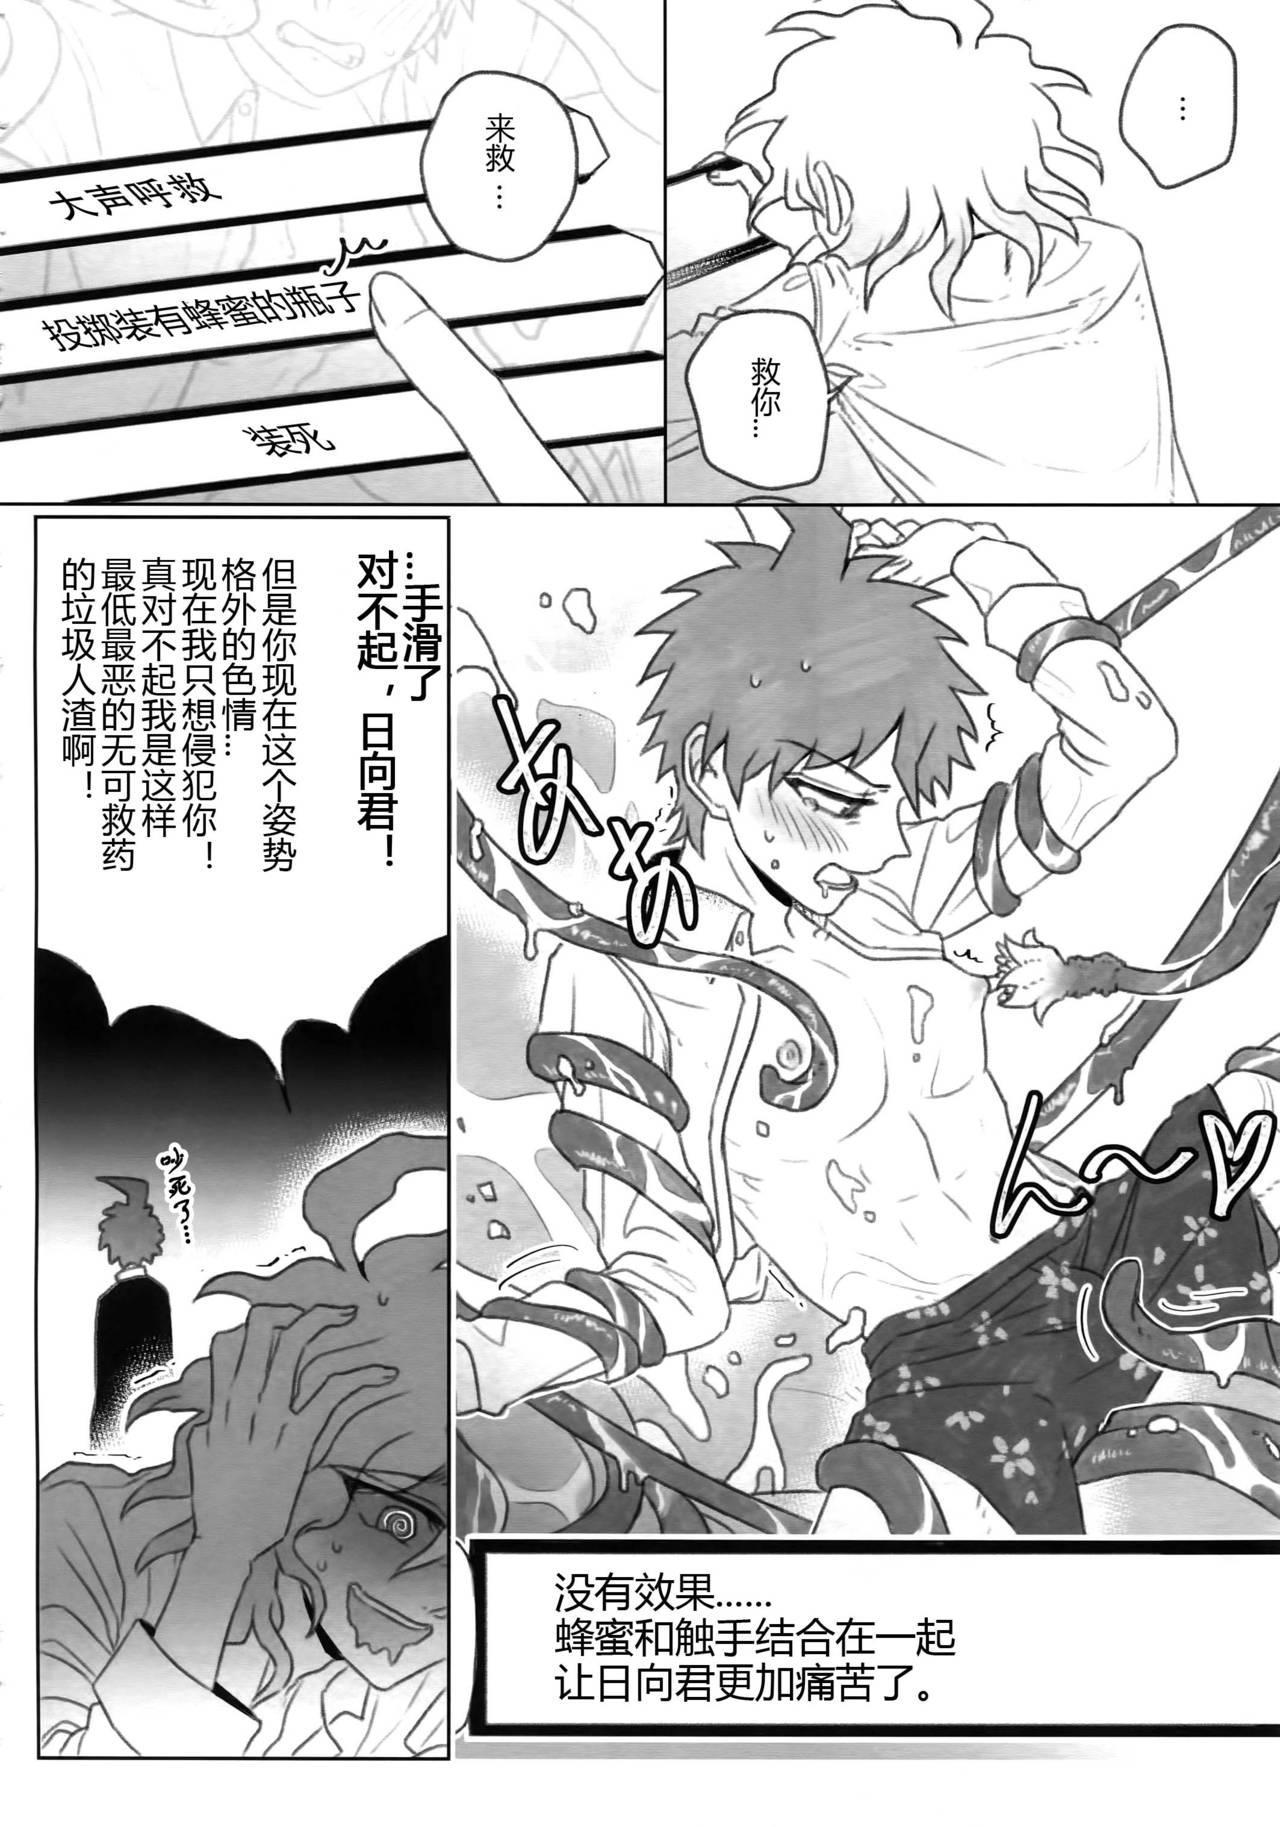 Tsunaide! Shokushu-kun! 连接吧!触手君! 54